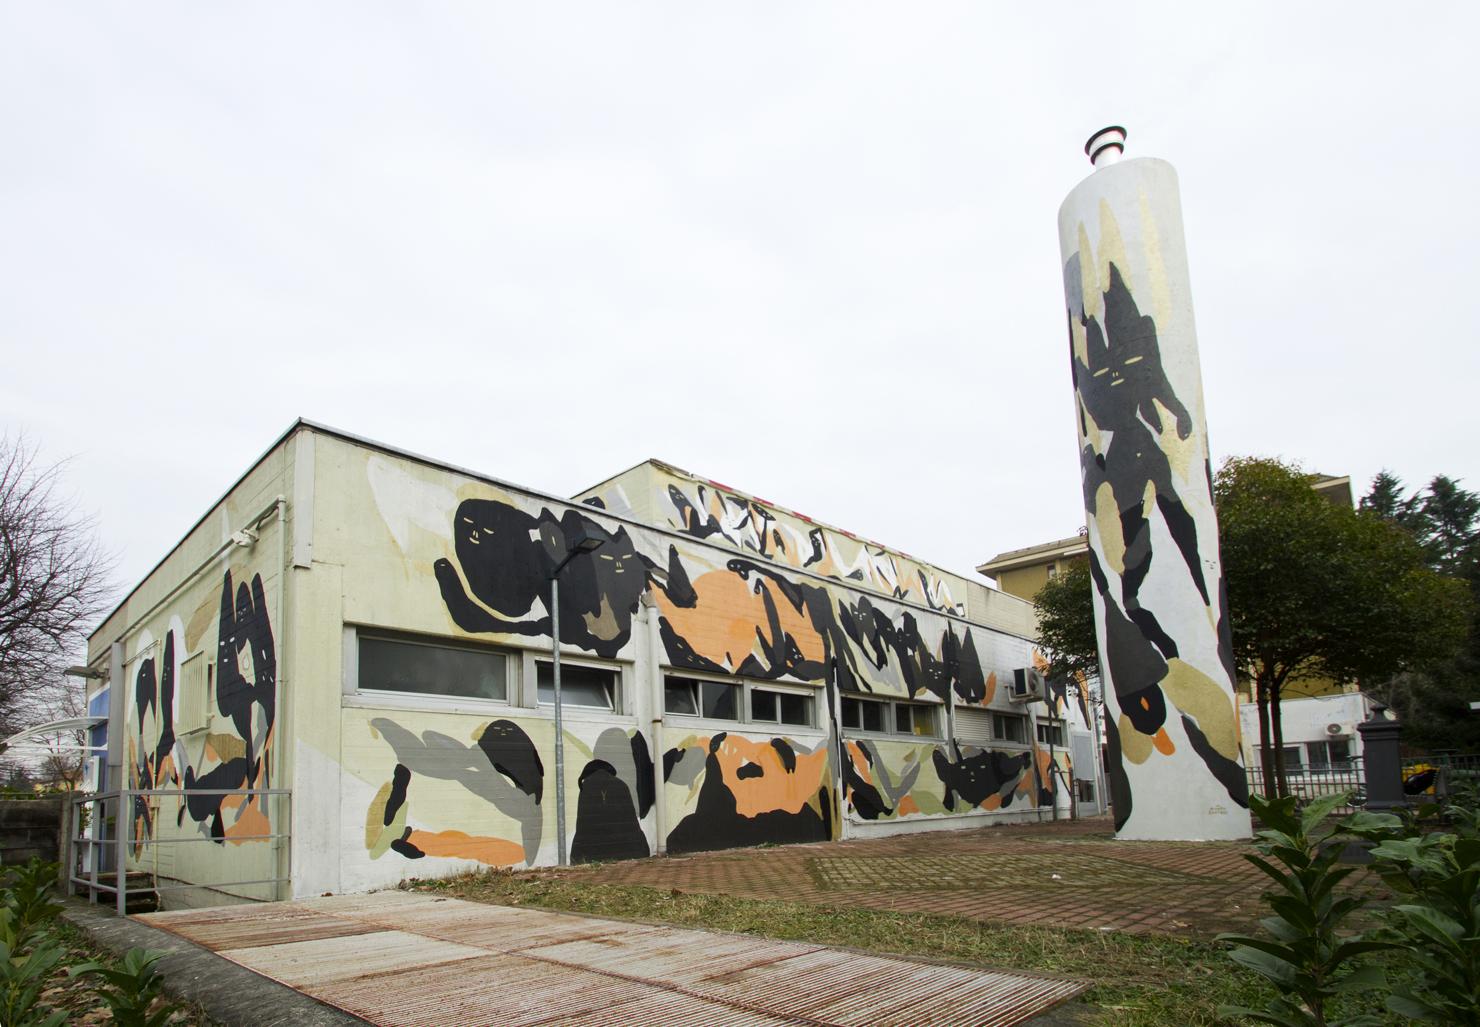 giorgio-bartocci-new-mural-in-monza-01